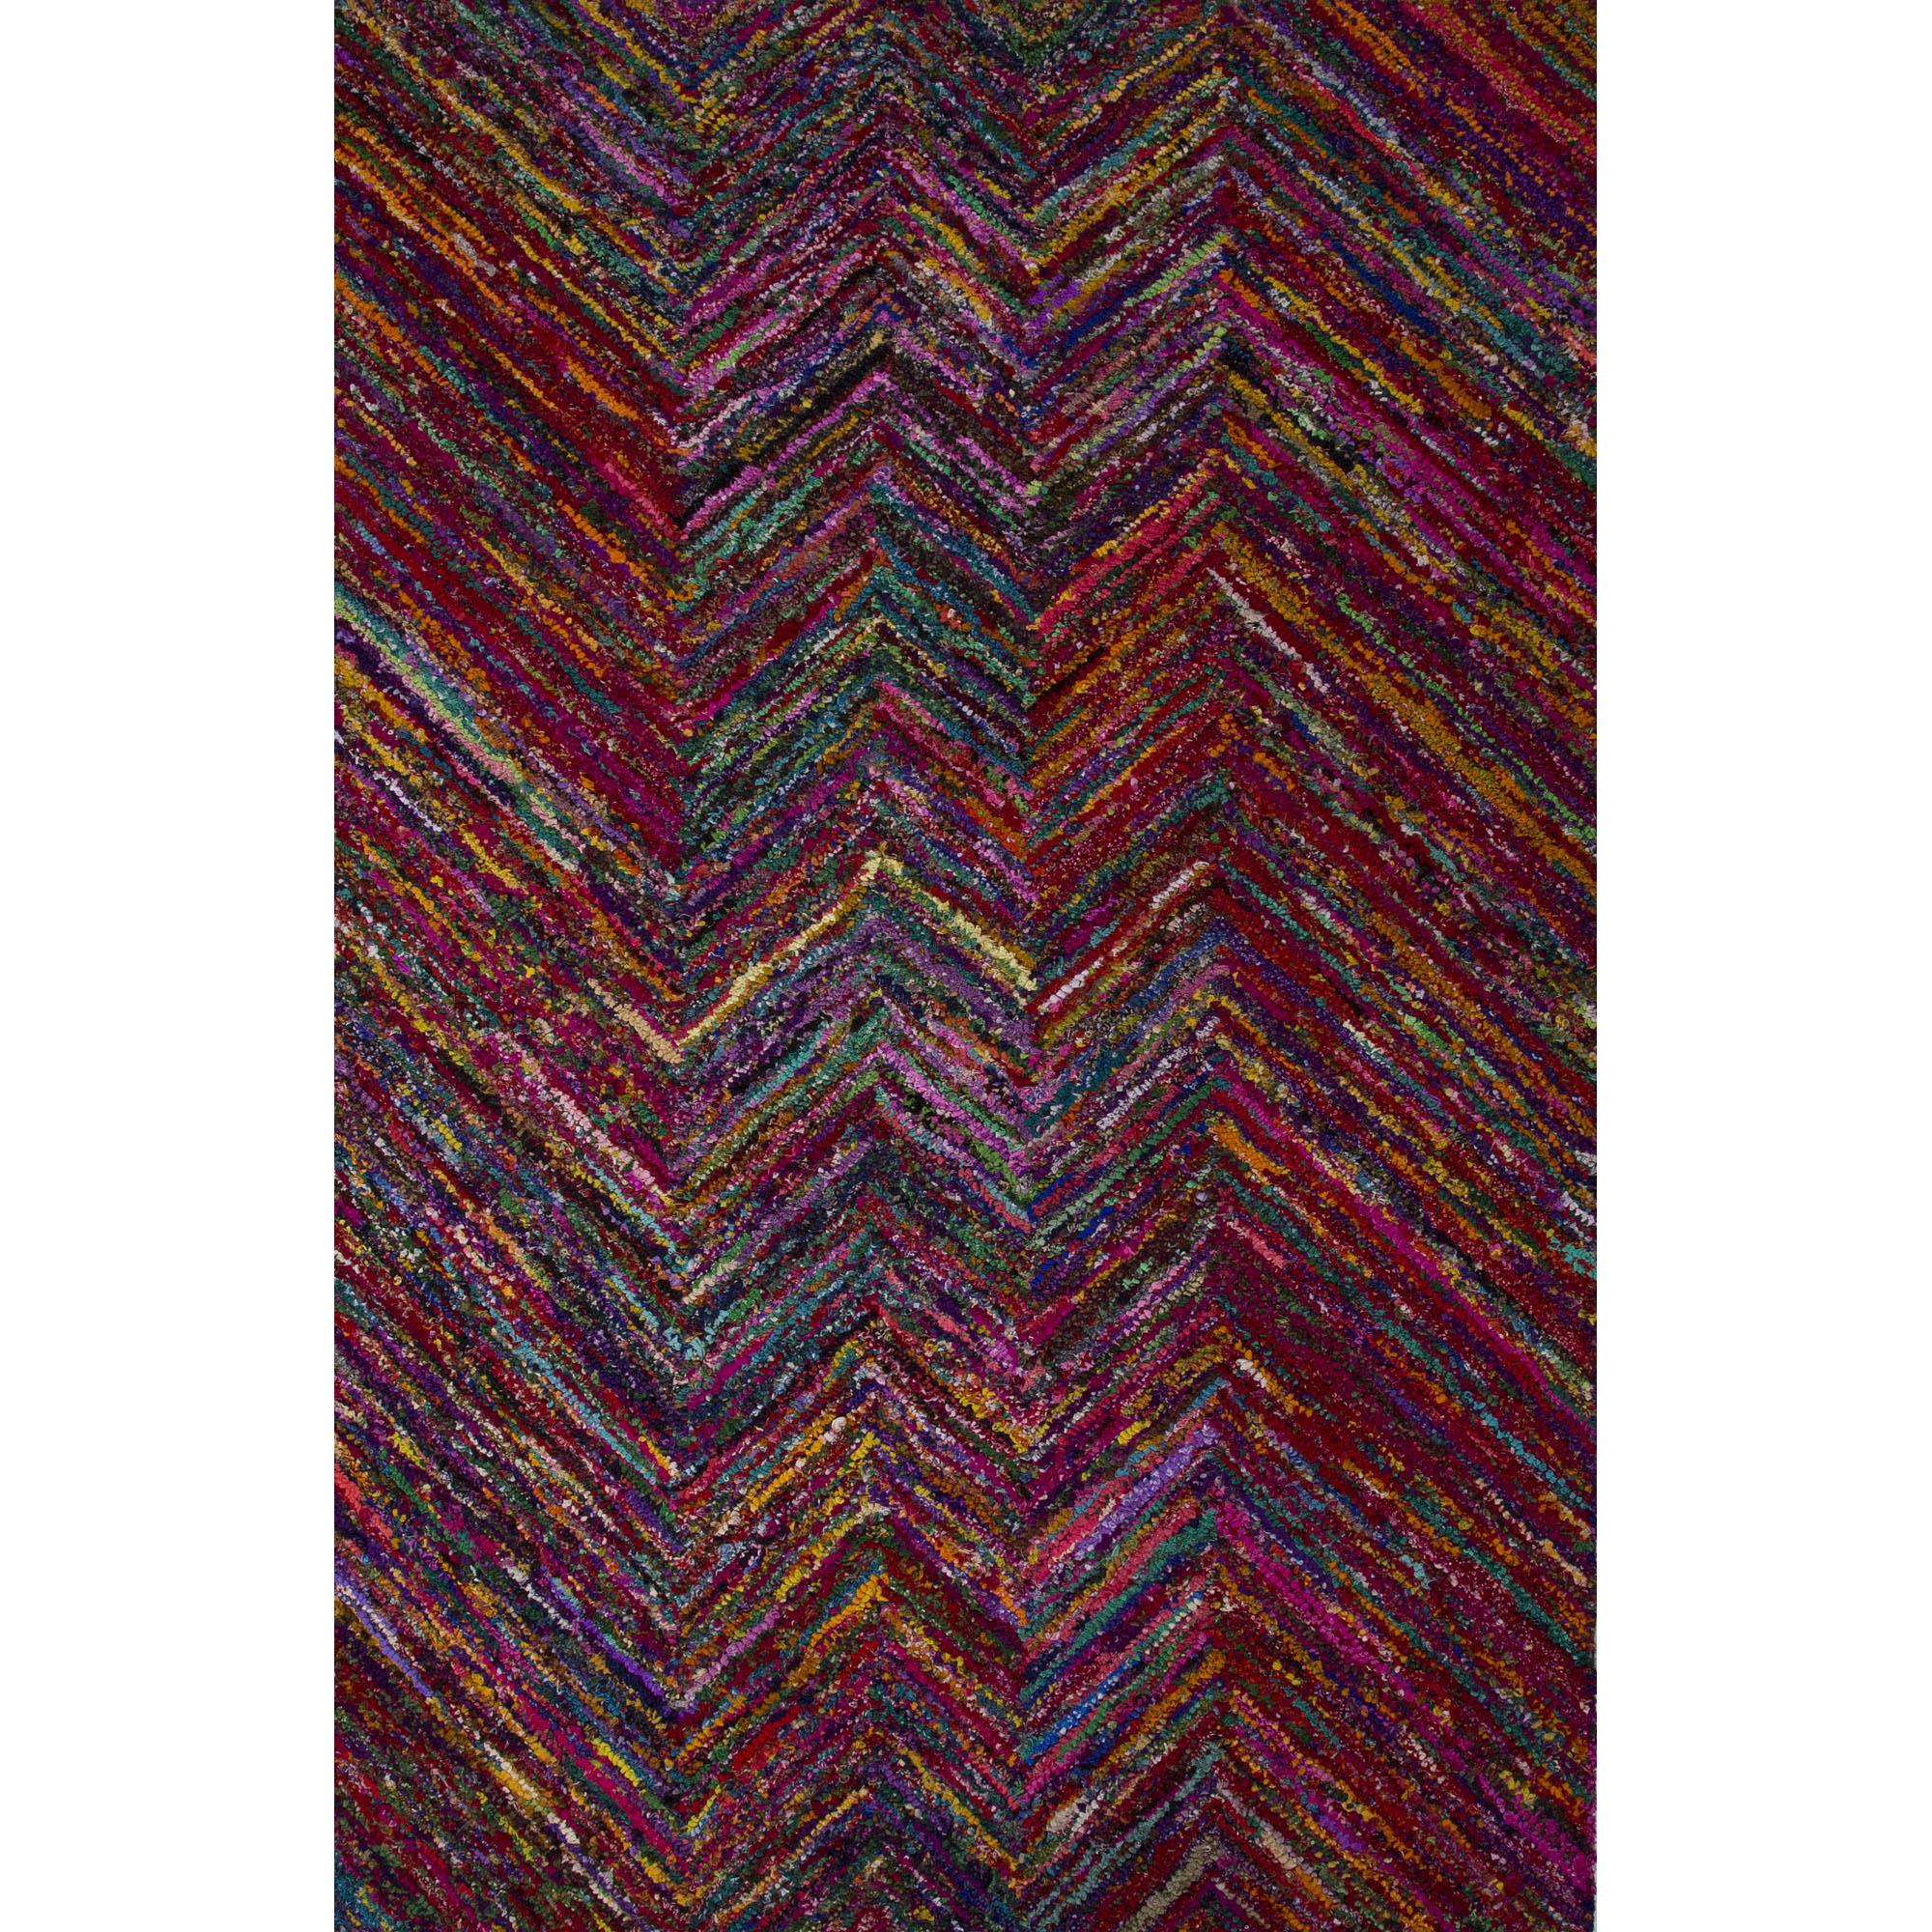 JAIPUR Rugs Monroe 2 x 3 Rug - Item Number: RUG124684